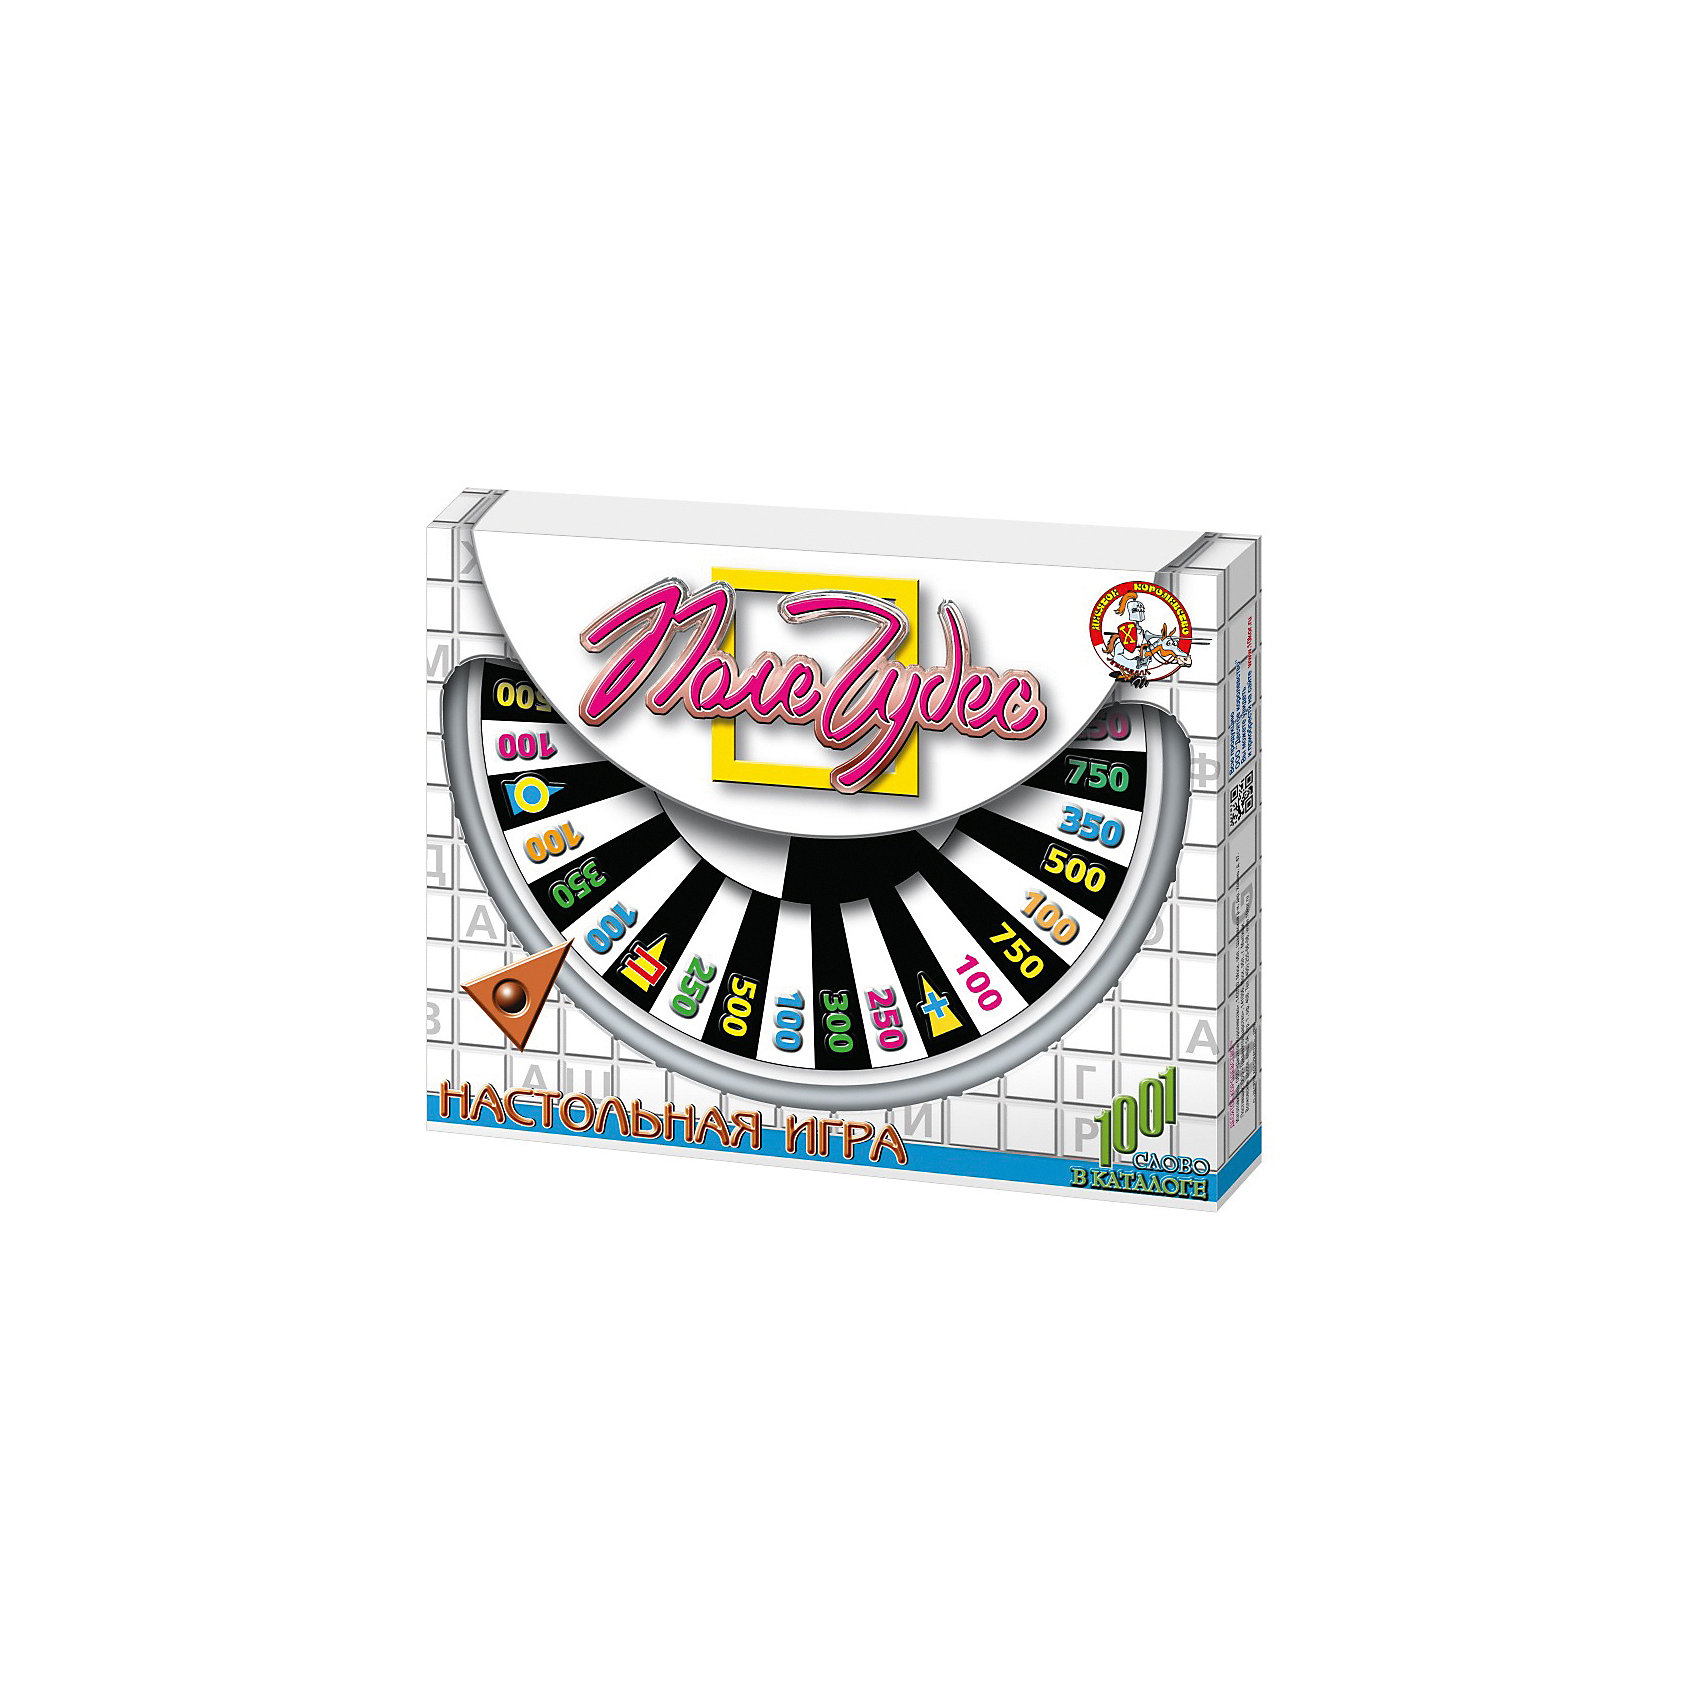 Настольная игра Поле чудес, Десятое королевствоНастольные игры для всей семьи<br>Настольная игра Поле чудес, Десятое королевство<br><br>Характеристики: <br><br>• Возраст: от 5 лет<br>• Материал: картон, бумага, пластик<br>• Количество участников: от 2<br>• В комплекте: игровое поле, барабан, 4 табло, 3 карточки, инструкция на русском языке<br><br>Этот набор сделан по мотивам знаменитой игры Поле чудес. В нем даже содержится символ этой игры - барабан. В комплекте есть игровое поле, 4 табло, 4 карточки и инструкция на русском языке, а так же 800 вопросов разных уровней сложности, что позволяет подобрать подходящие и интересные задания для каждого возраста.<br><br>Настольная игра Поле чудес, Десятое королевство можно купить в нашем интернет-магазине.<br><br>Ширина мм: 450<br>Глубина мм: 350<br>Высота мм: 50<br>Вес г: 652<br>Возраст от месяцев: 36<br>Возраст до месяцев: 60<br>Пол: Унисекс<br>Возраст: Детский<br>SKU: 5473745